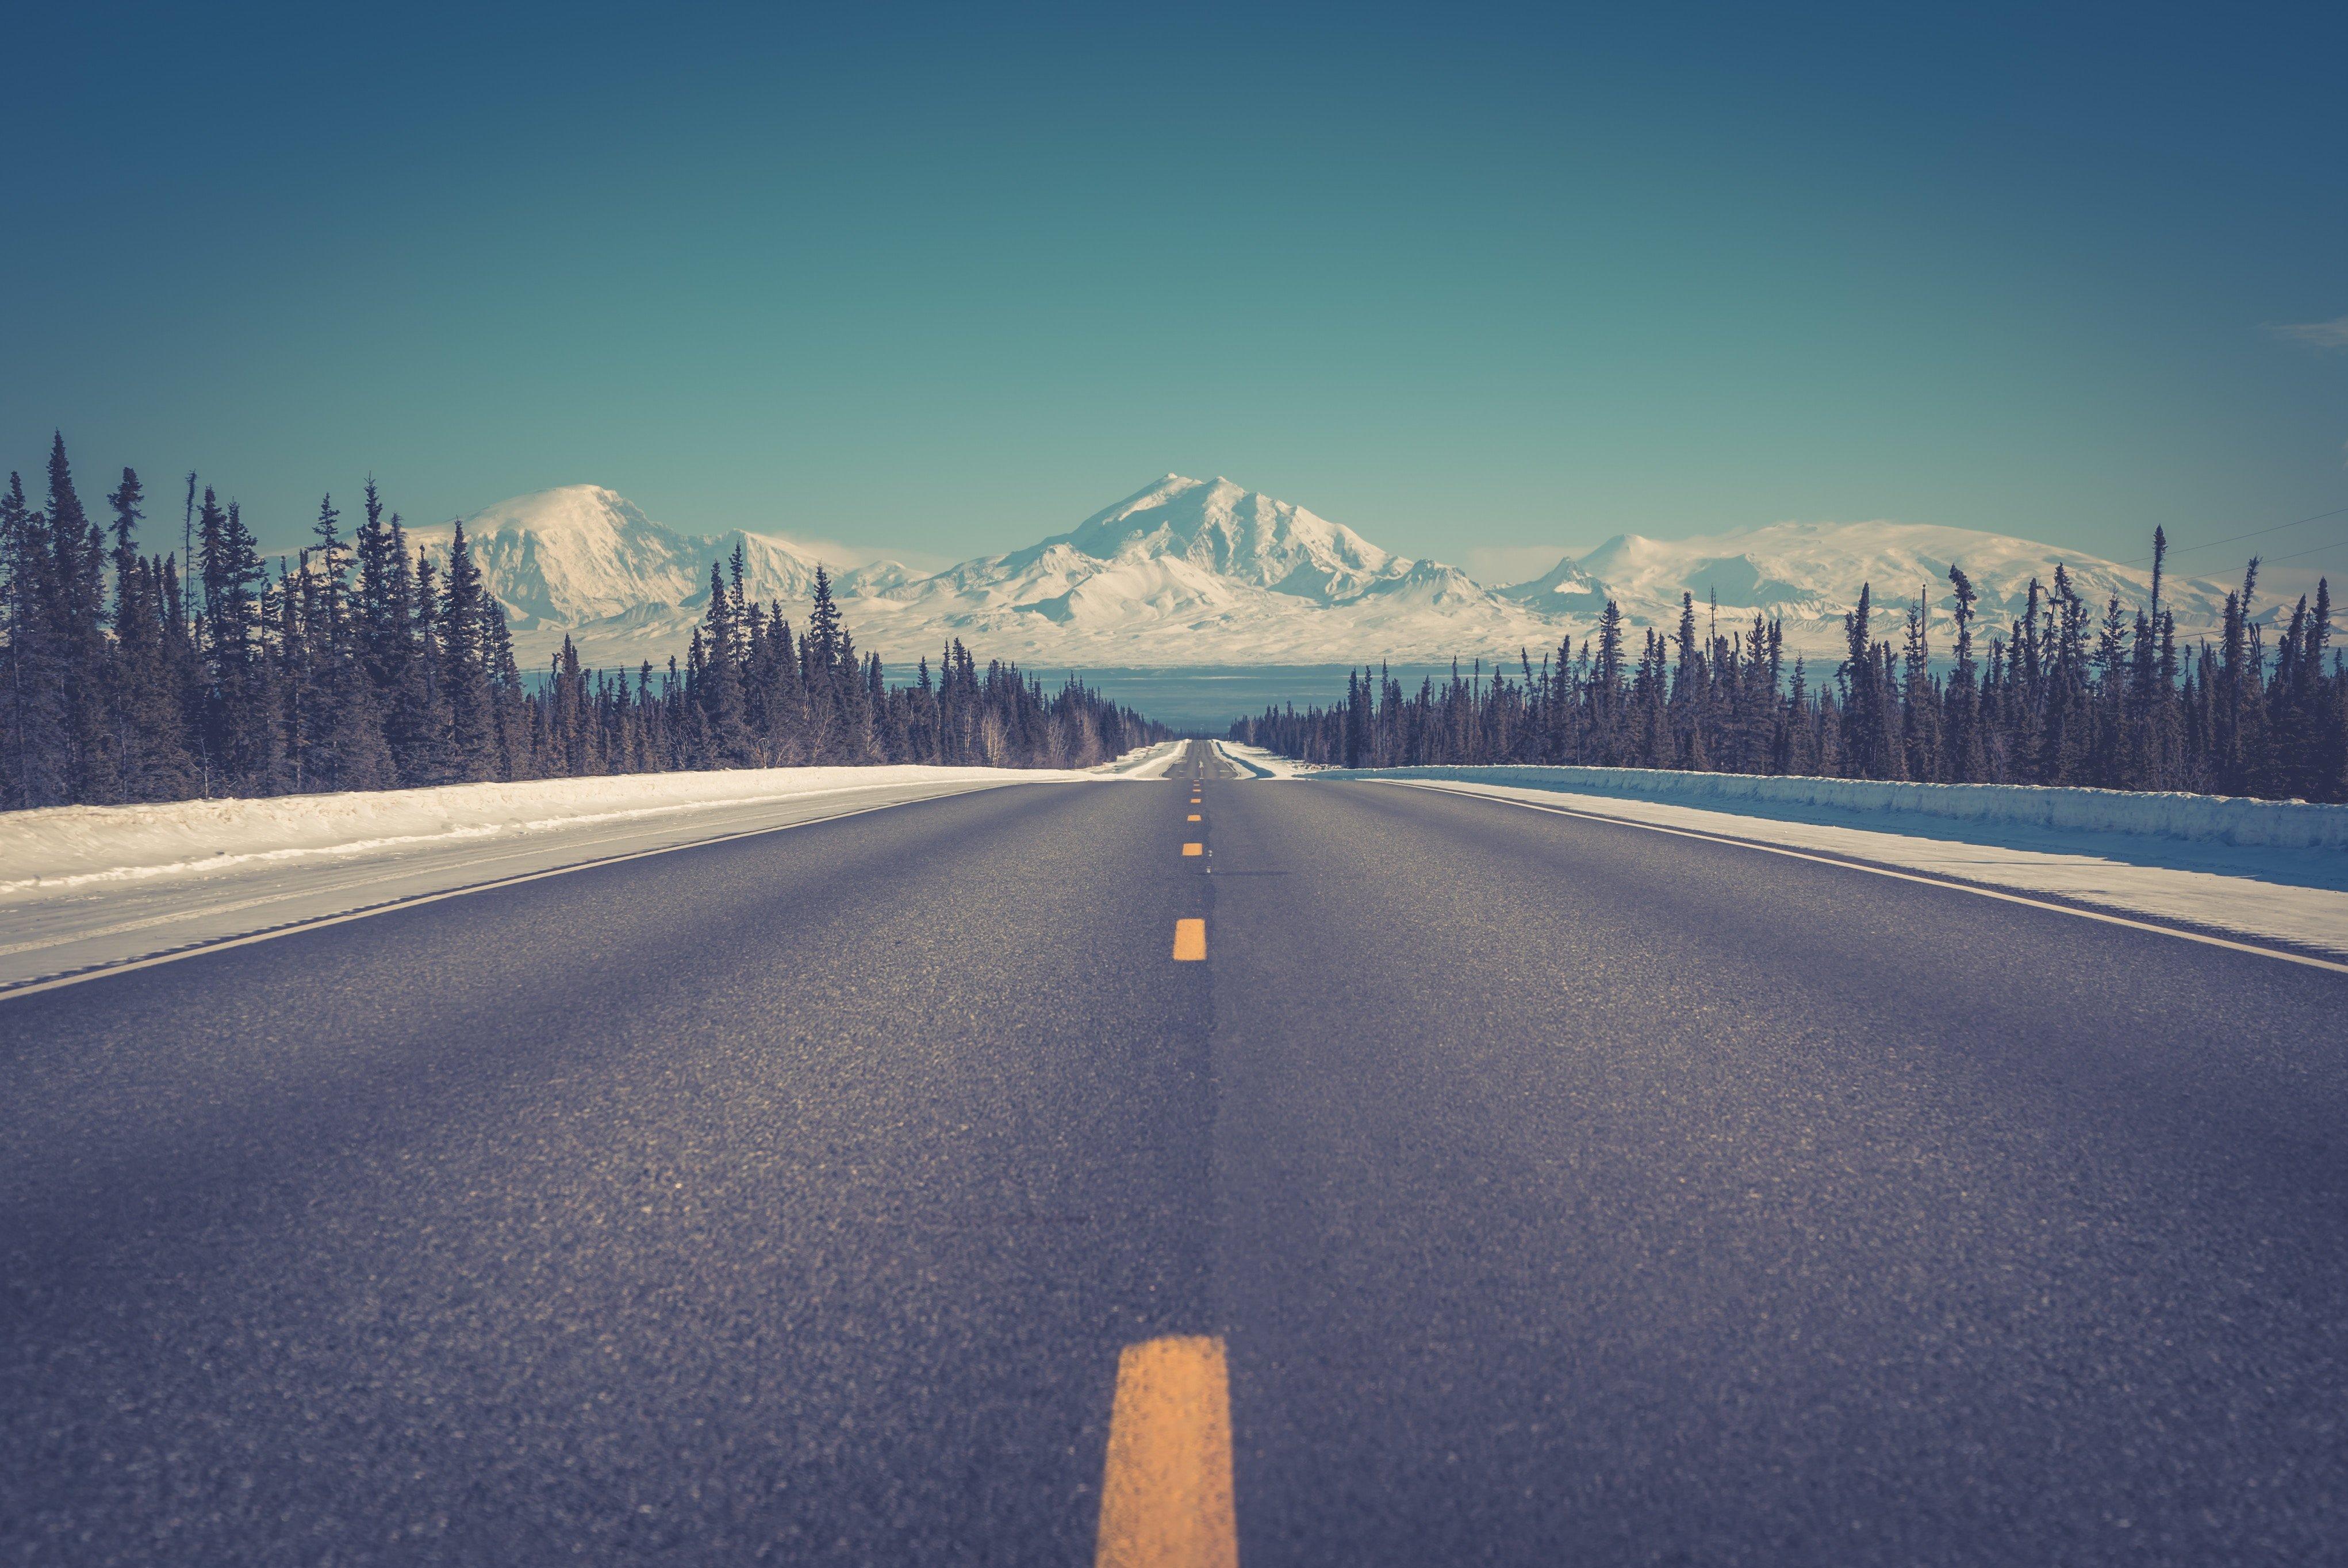 Fondos de pantalla Camino a las montañas en invierno